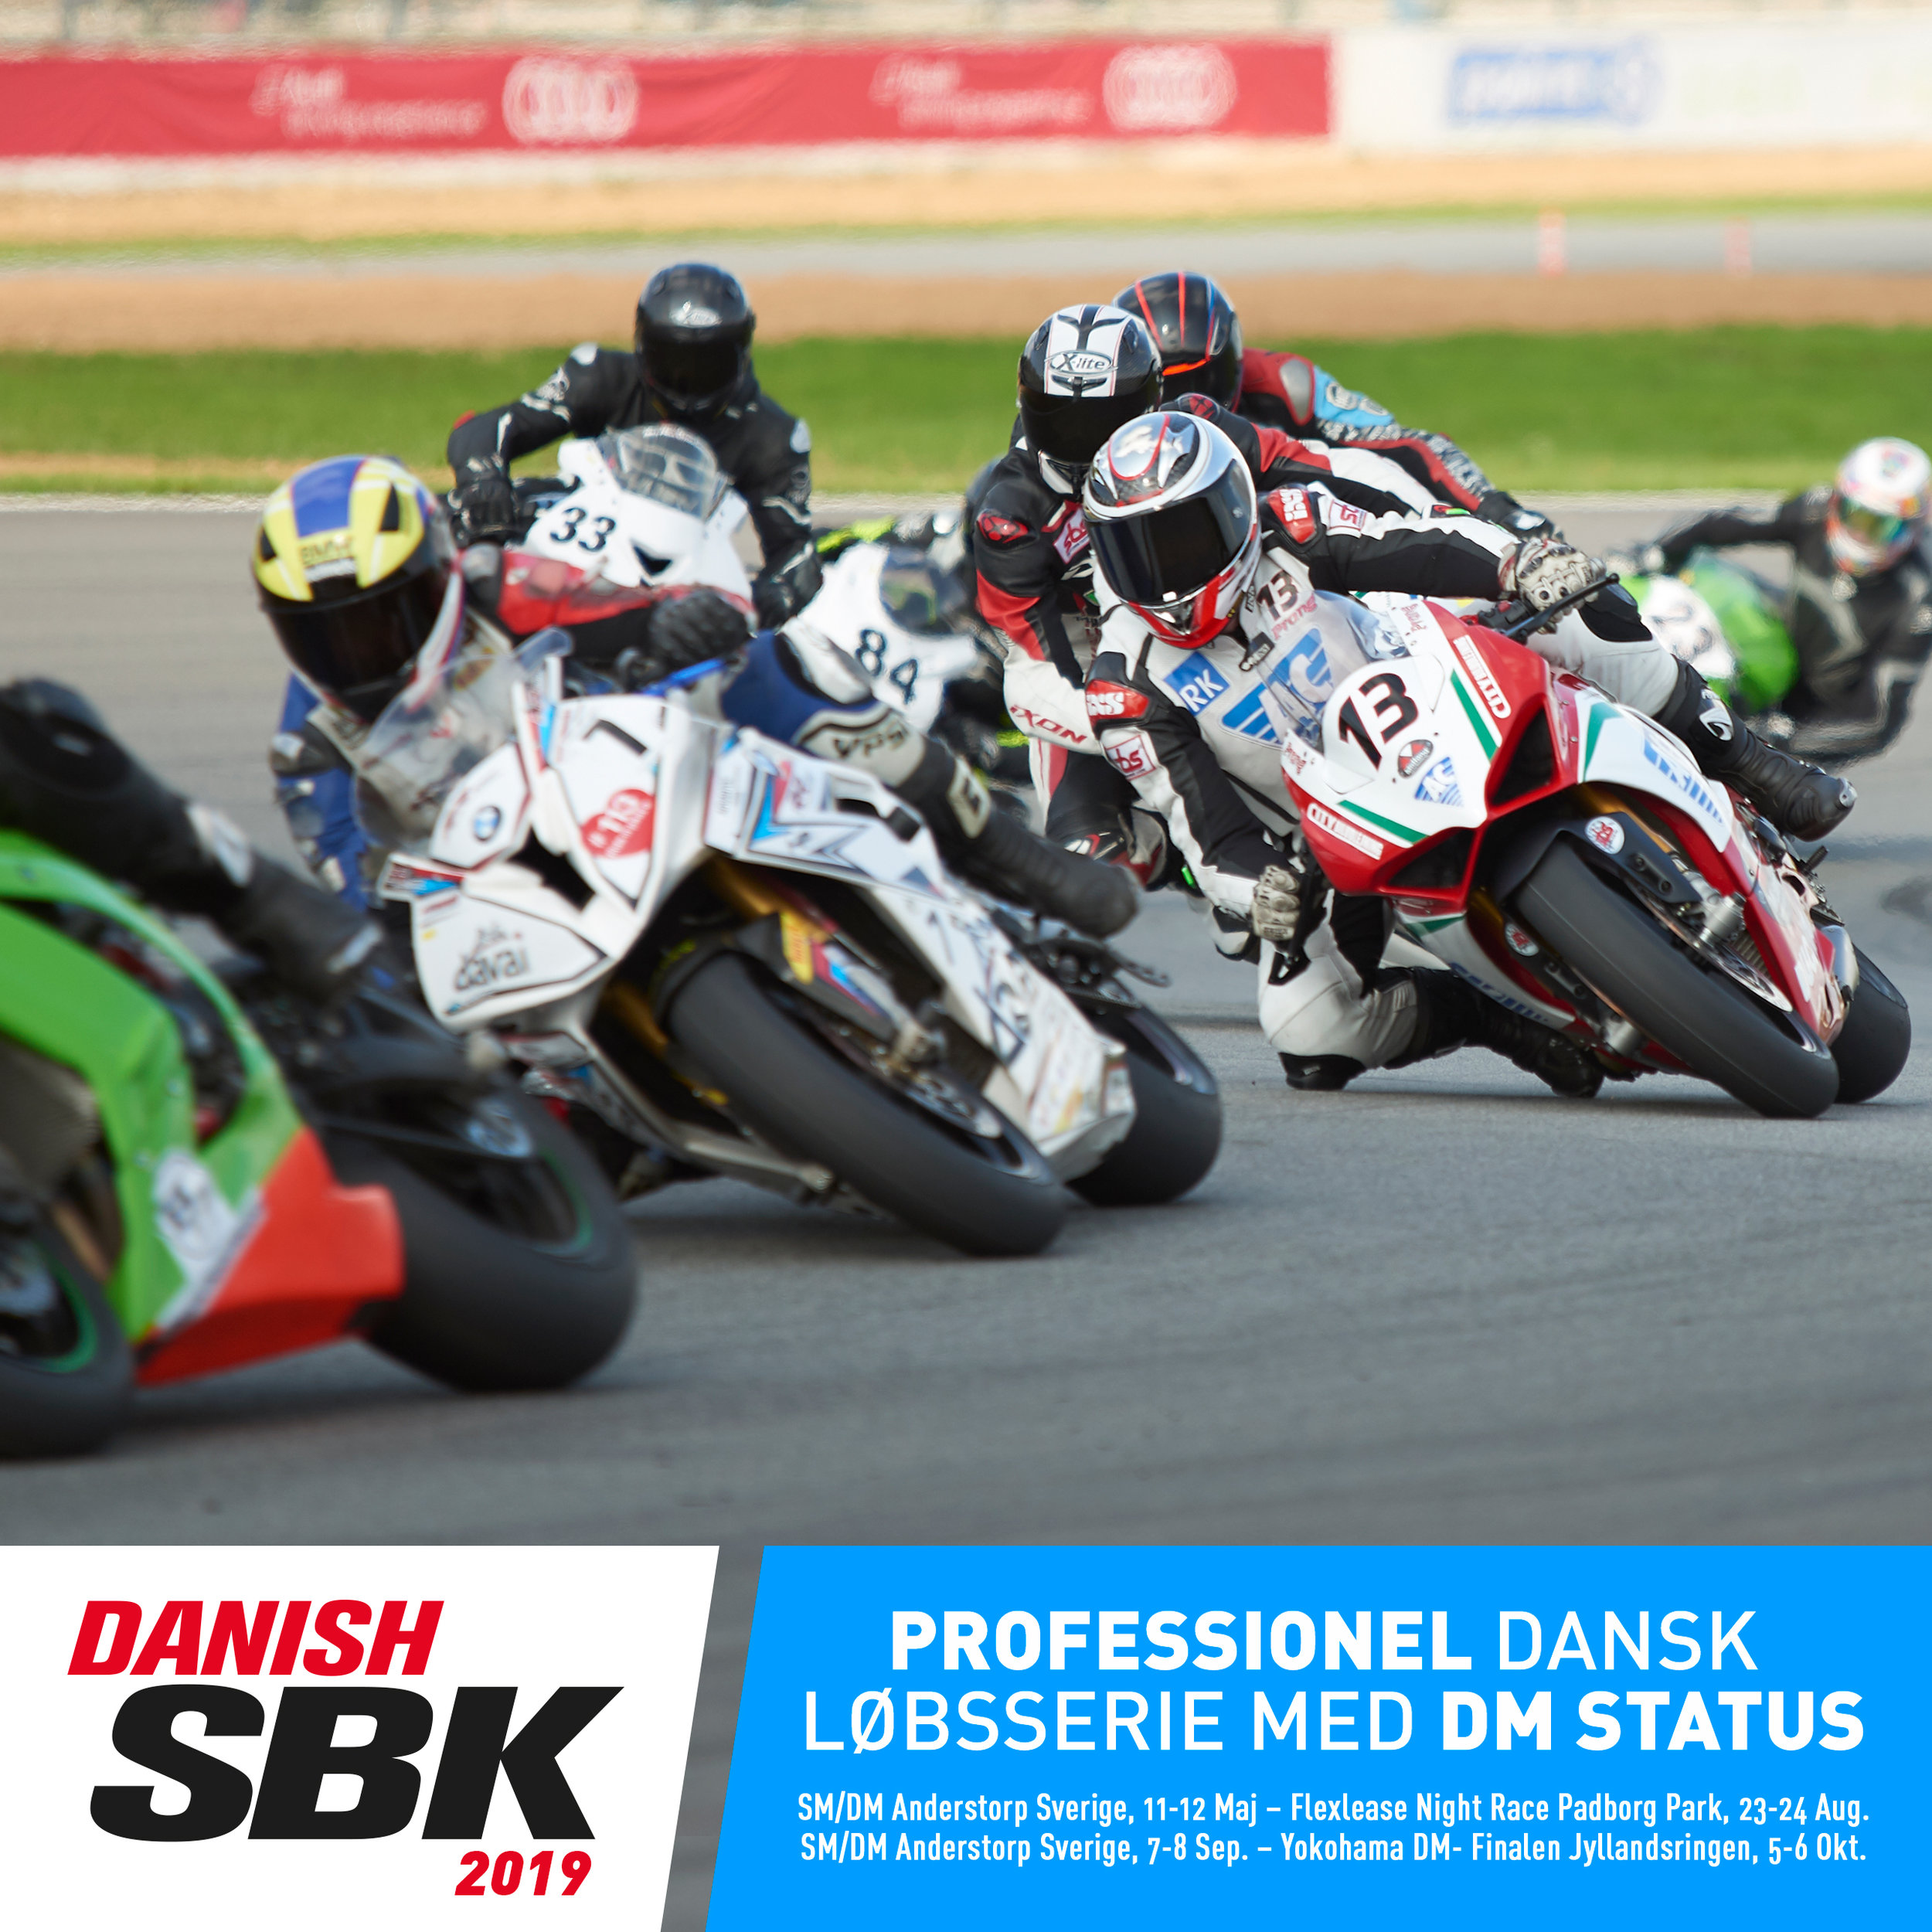 Danish SBK 2019 Facebook.jpg